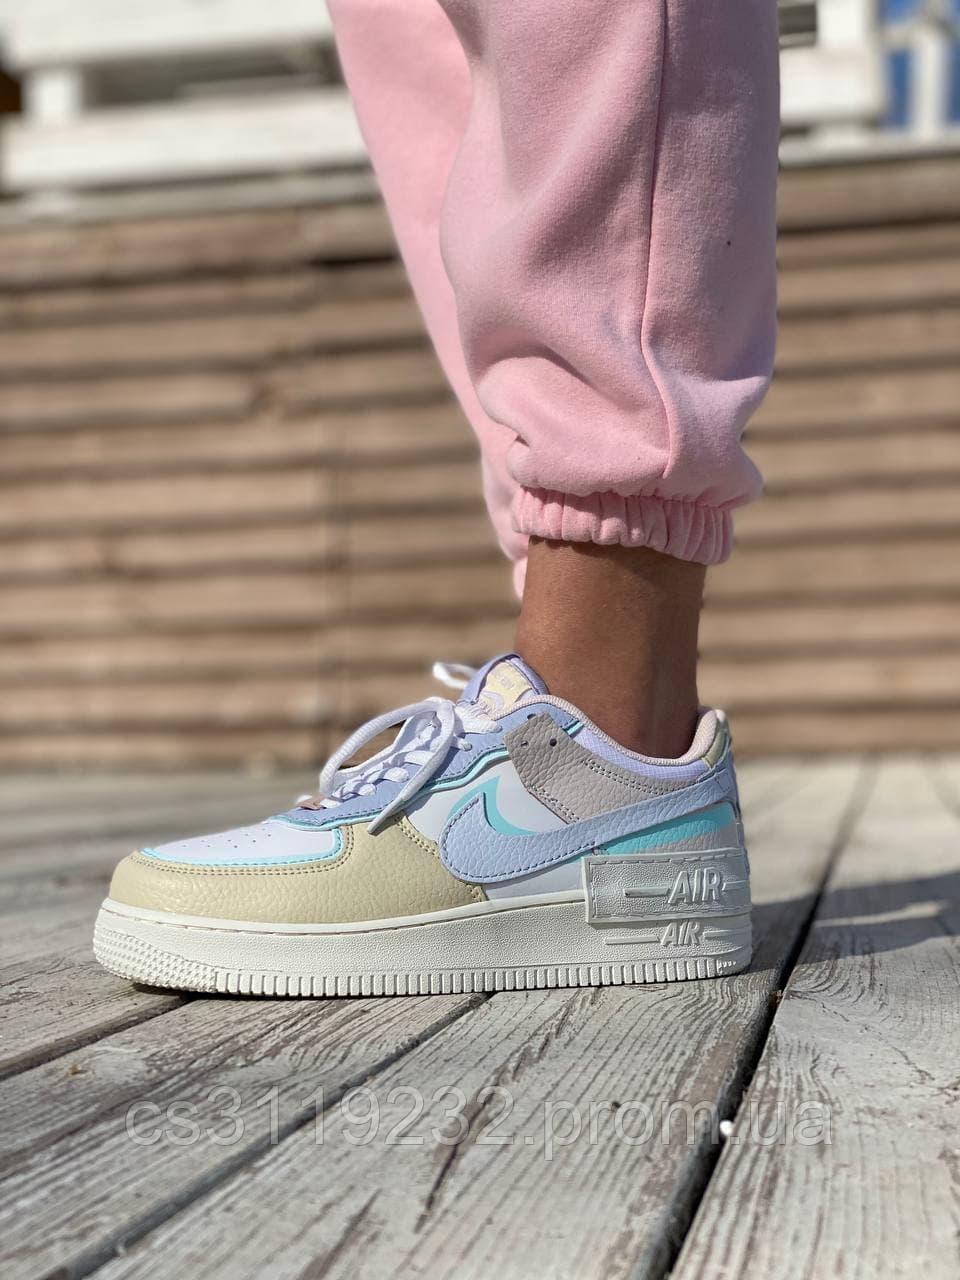 Жіночі кросівки Nike Air Force 1 Shadow White (білий/бежевий/синій)